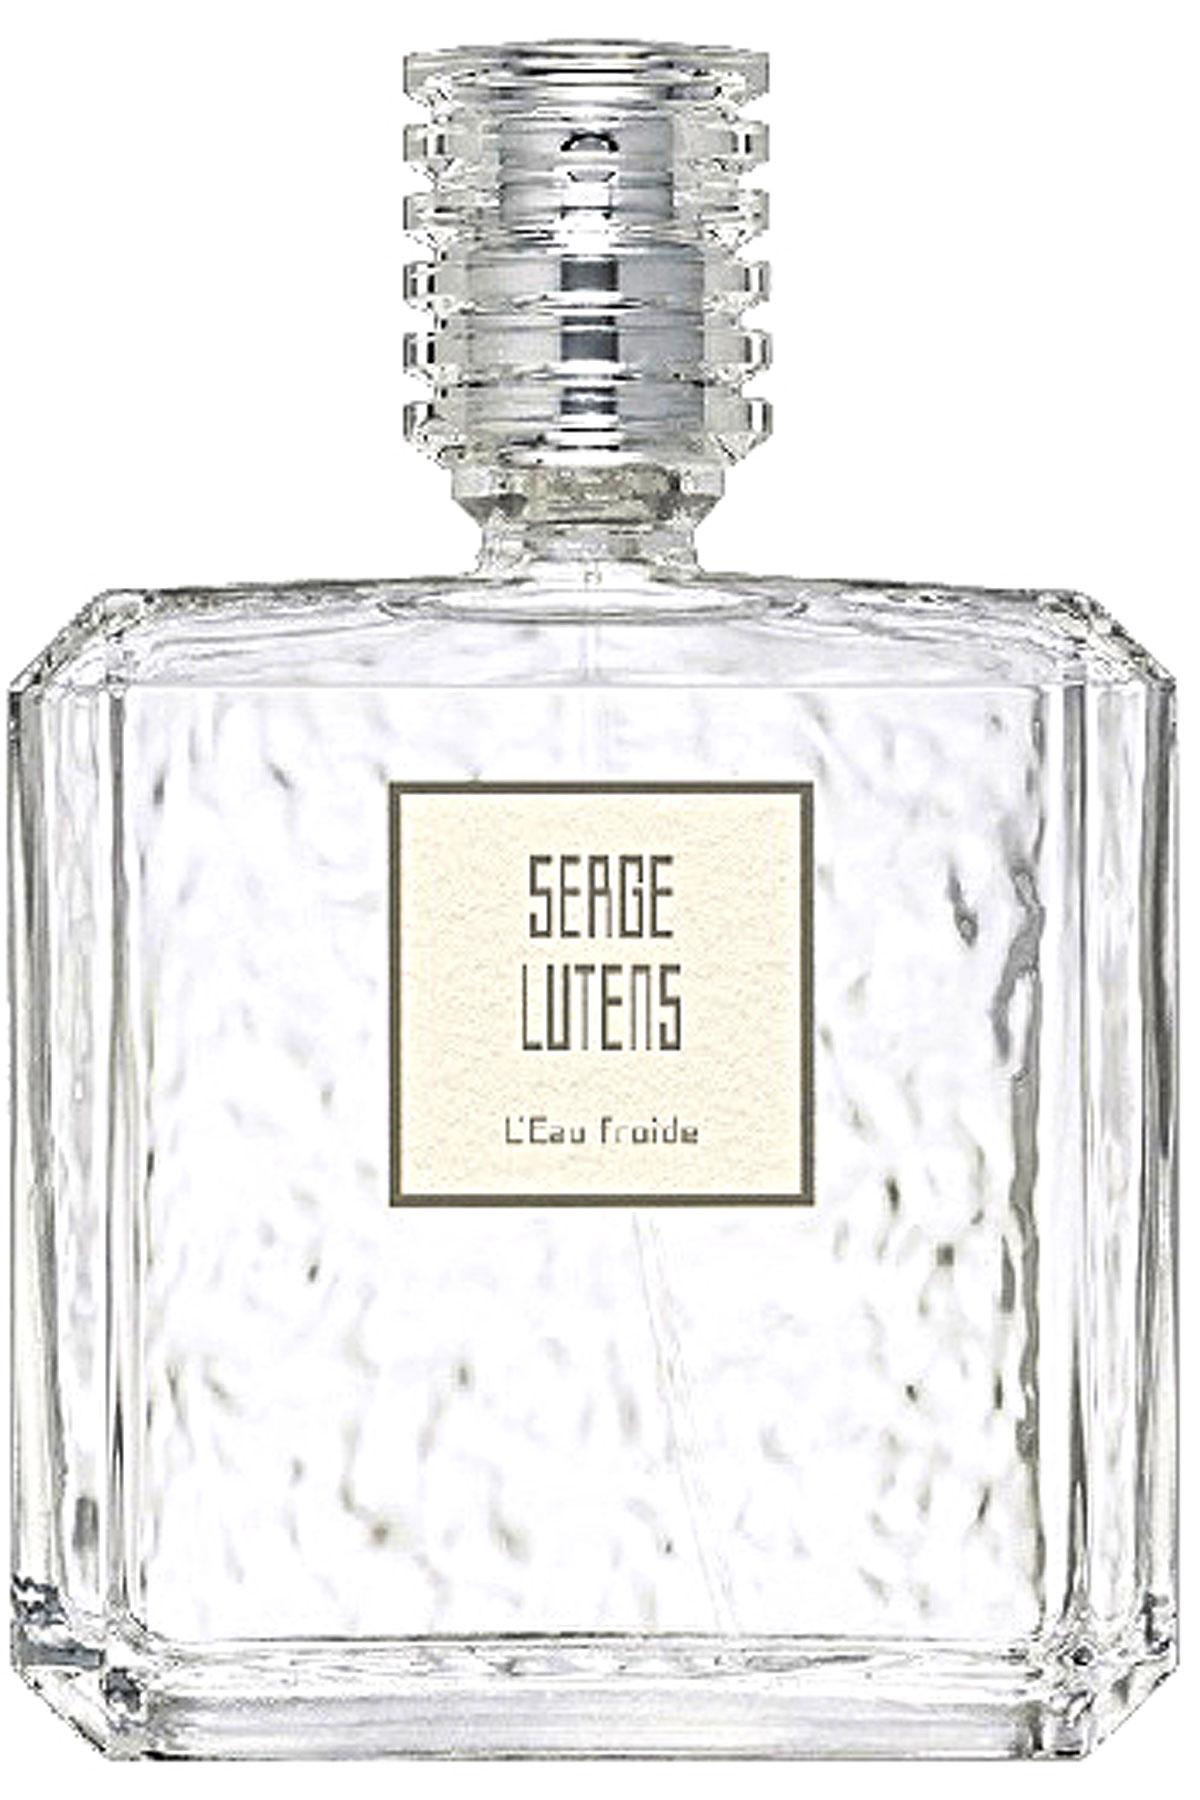 Serge Lutens Fragrances for Men, L Eau Froide - Eau De Parfum - 50-100 Ml, 2019, 50 ml 100 ml